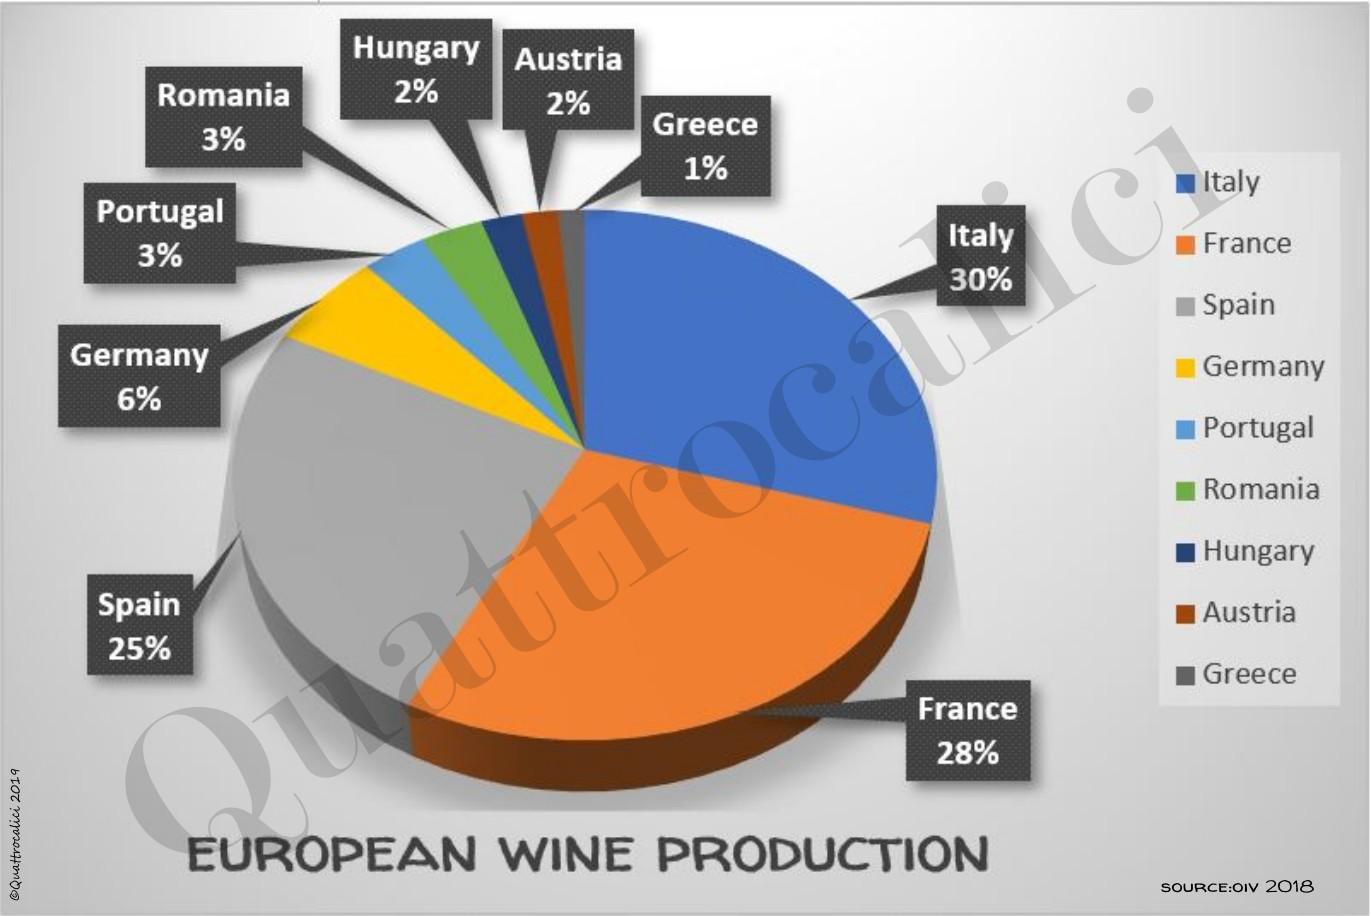 Produzione Europea Vino per Nazione